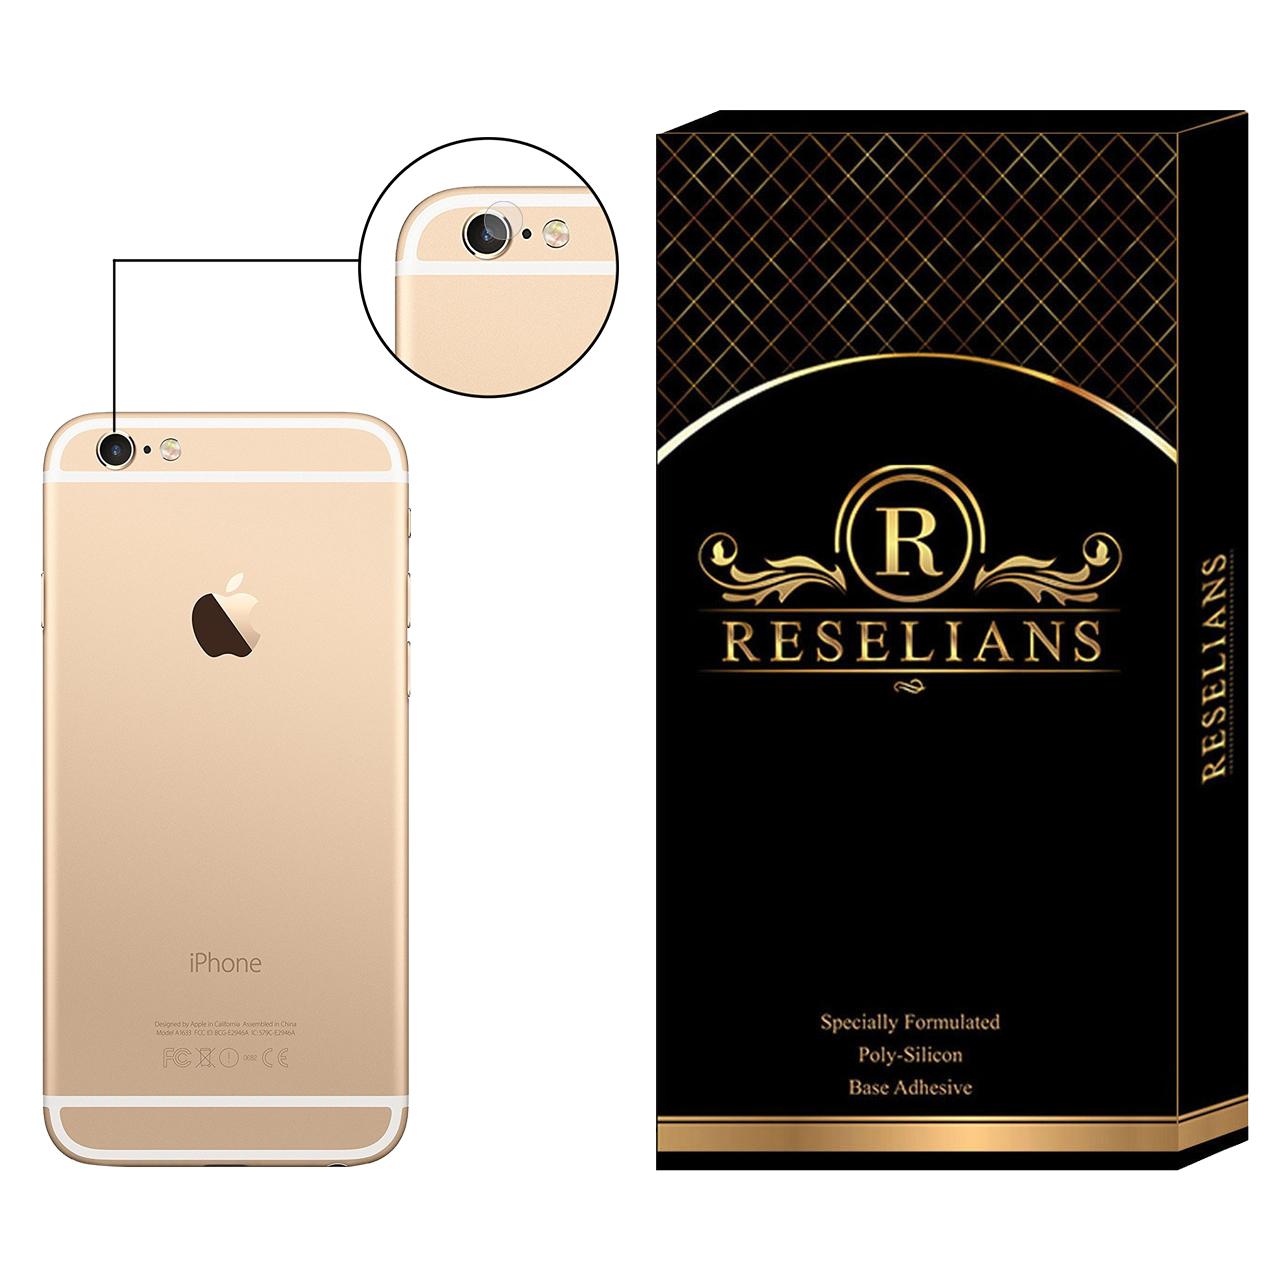 محافظ لنز دوربین رزلیانس مدل RLP مناسب برای گوشی موبایل اپل iPhone 6 Plus